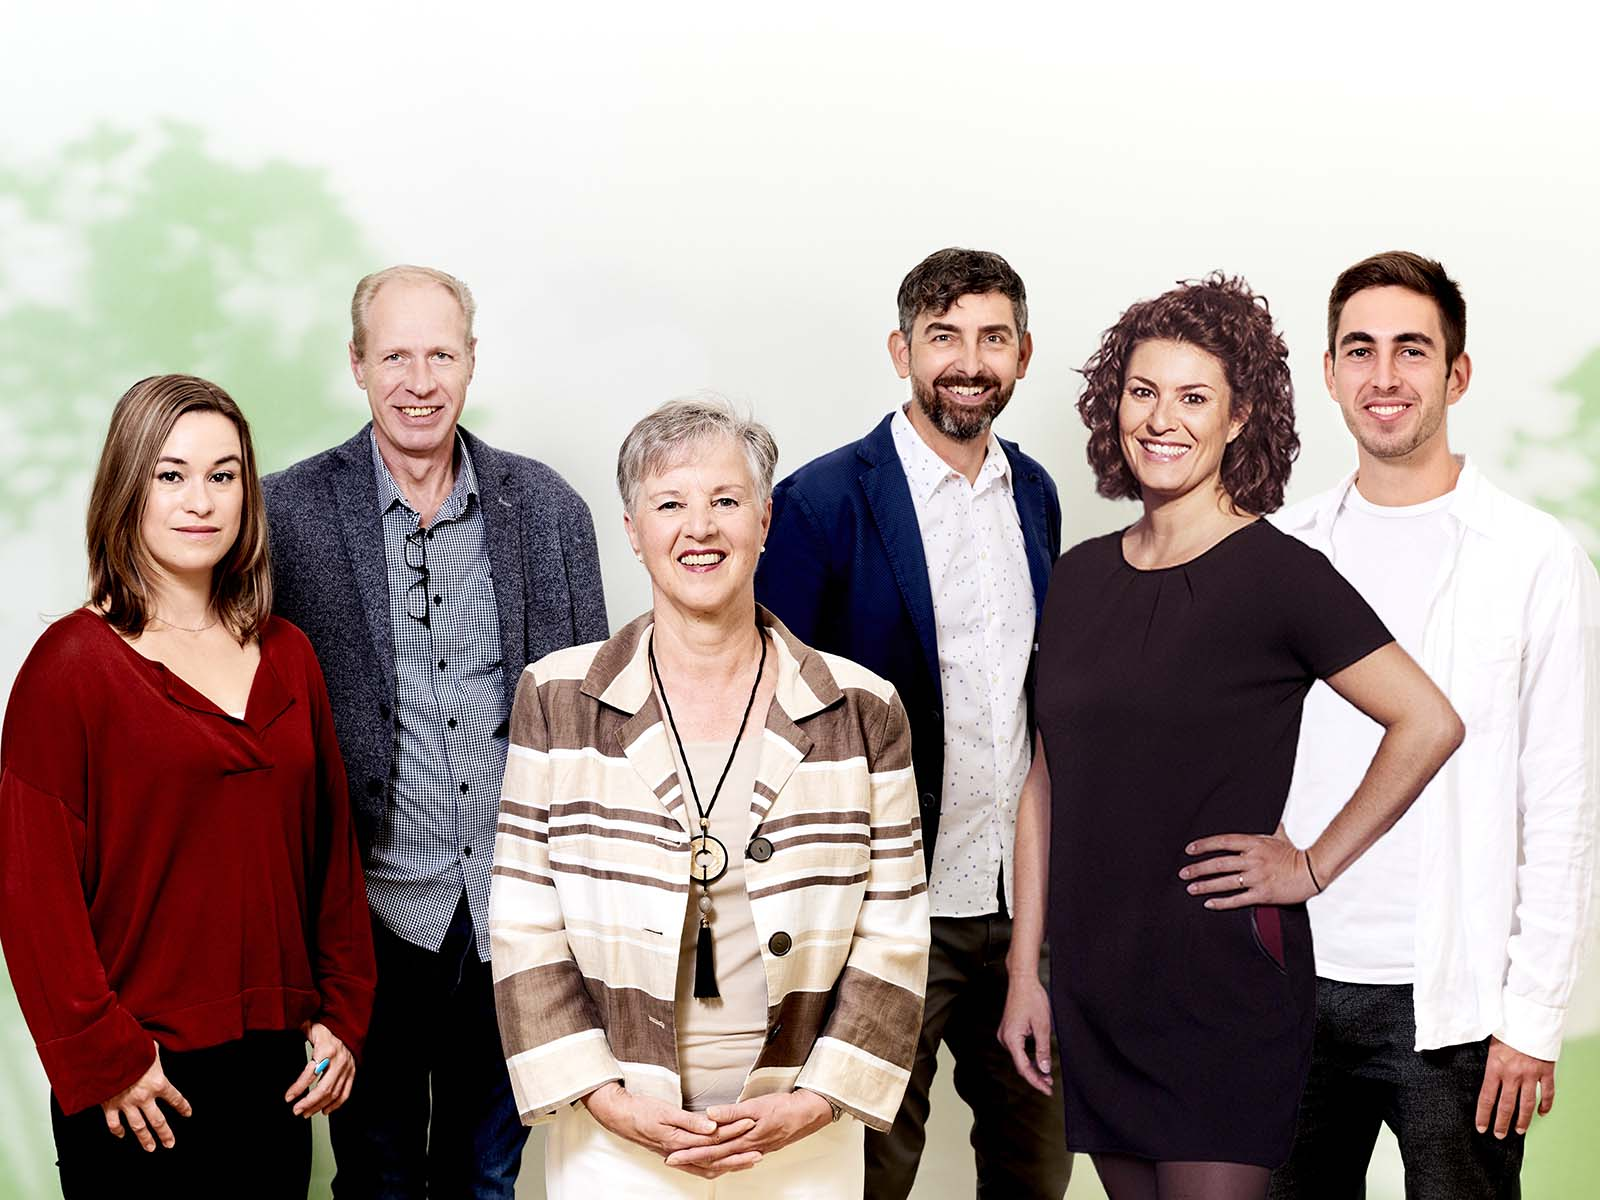 Sophie Kreutzberg, Markus Huber, Monika Bätschmann, Roland Hurschler, Tina Erb und Martin Busekros (v.l.n.r.)